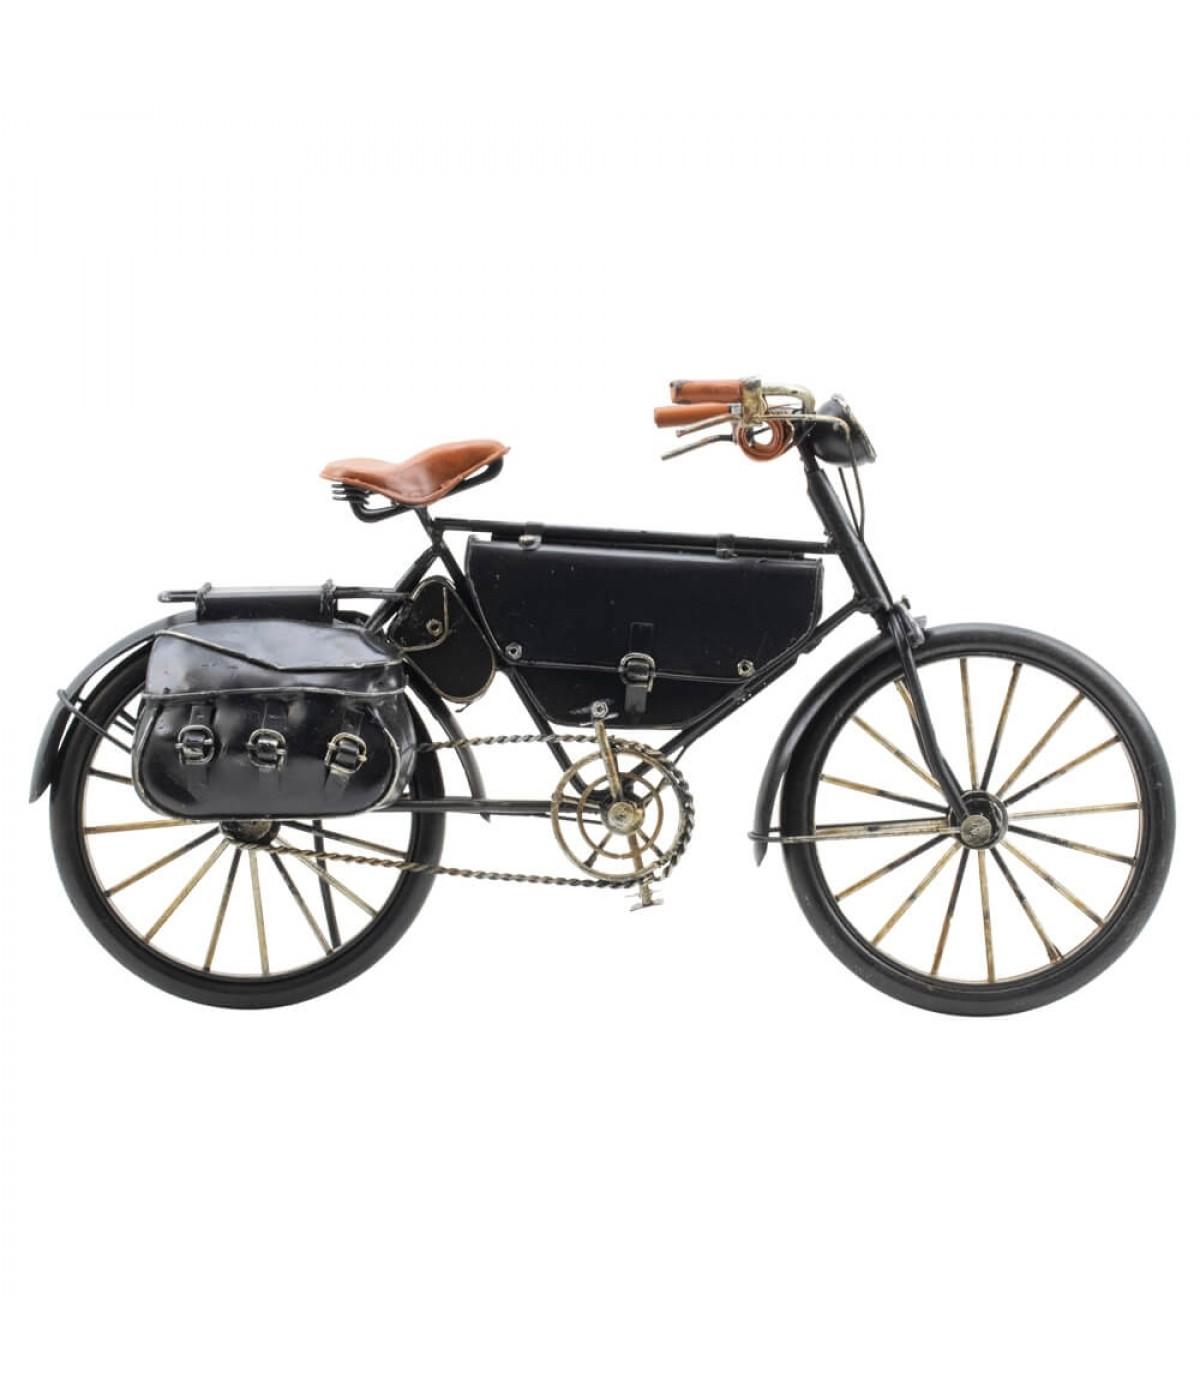 Bicicleta Preta 2 Bolsas 31cm Estilo Retrô - Vintage